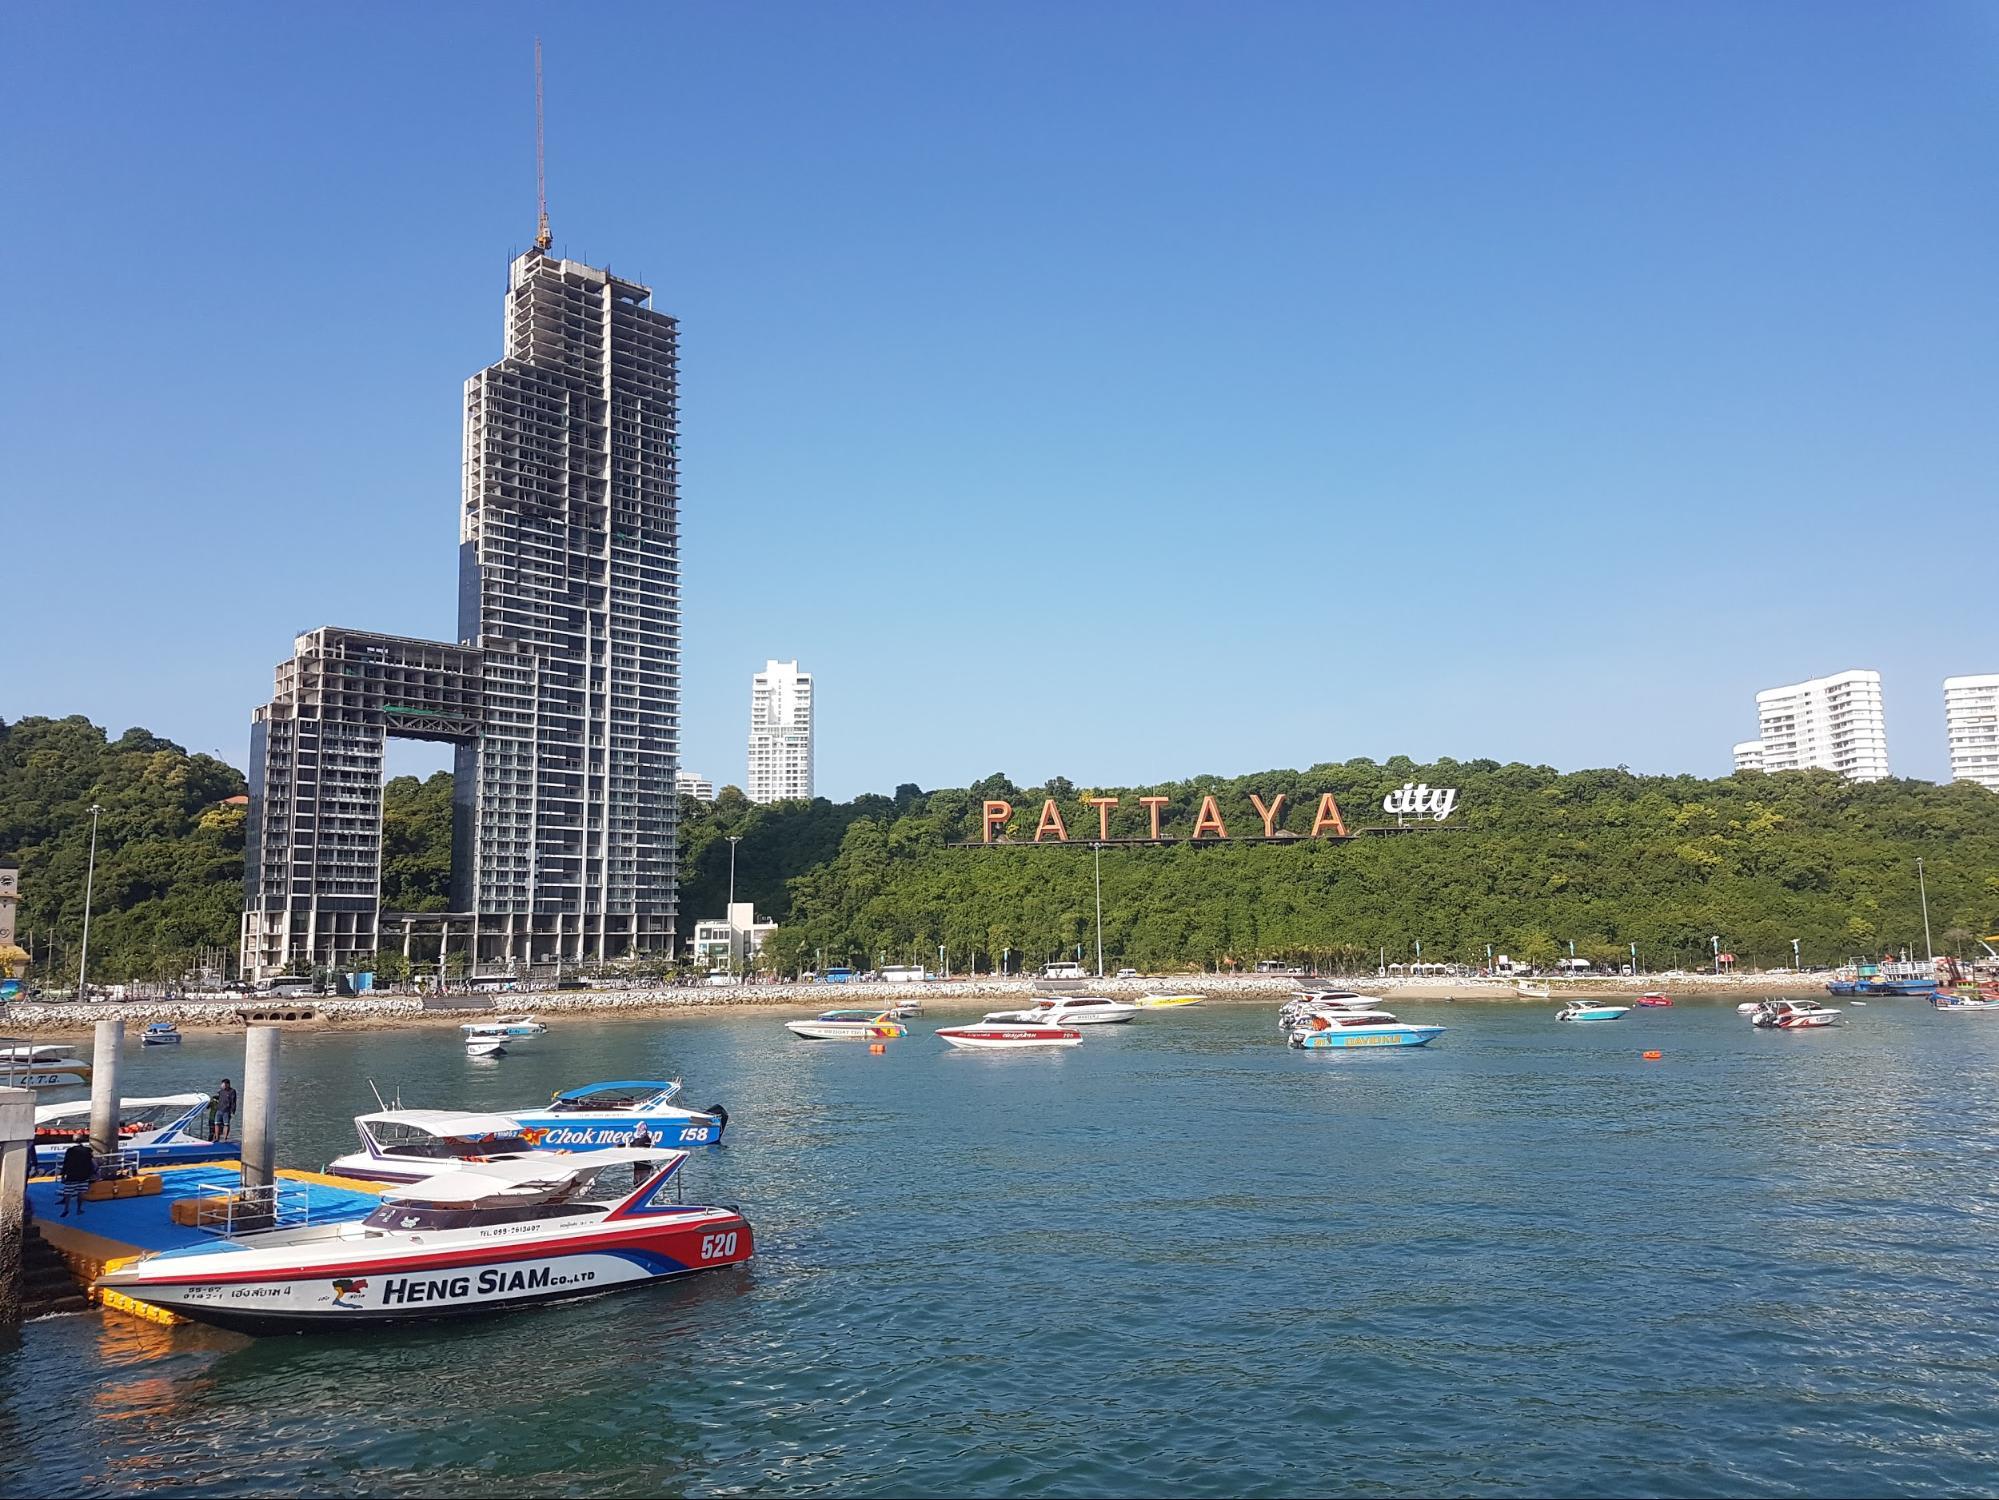 biển và đảo tại pattaya